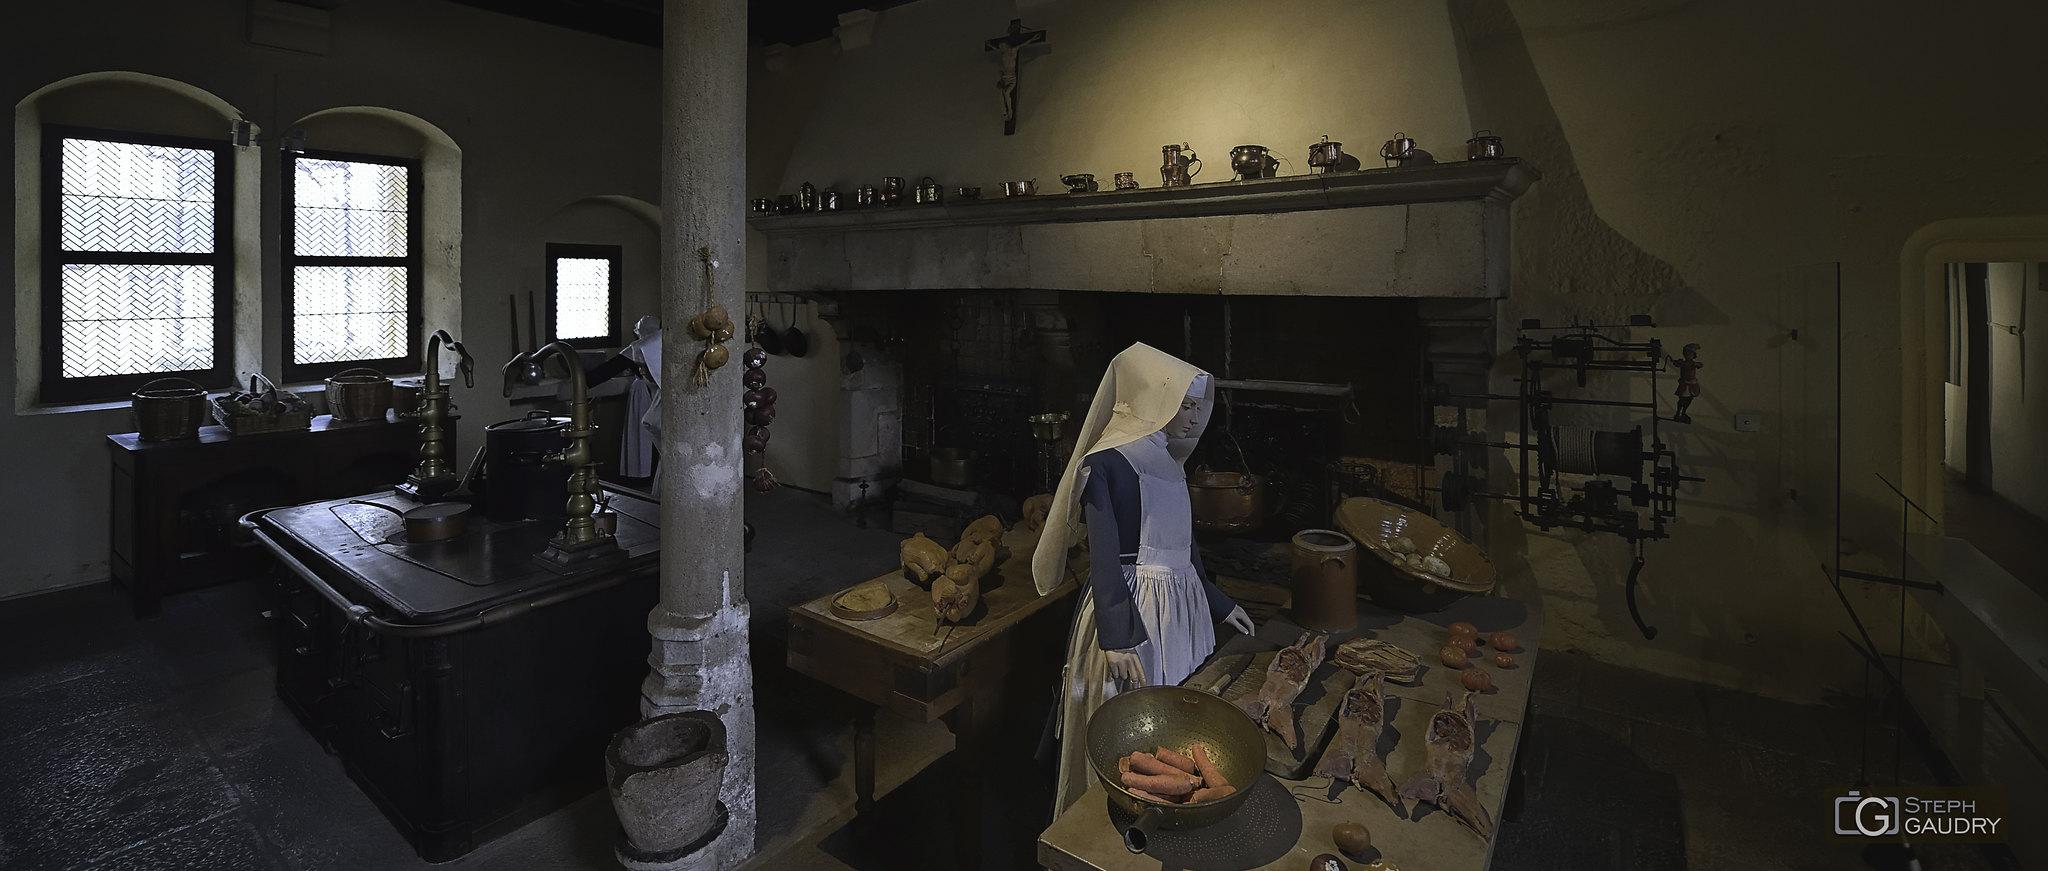 La cuisine des hospices : Hospices de Beaune (hôtel-Dieu) [Klicken Sie hier, um die Diashow zu starten]